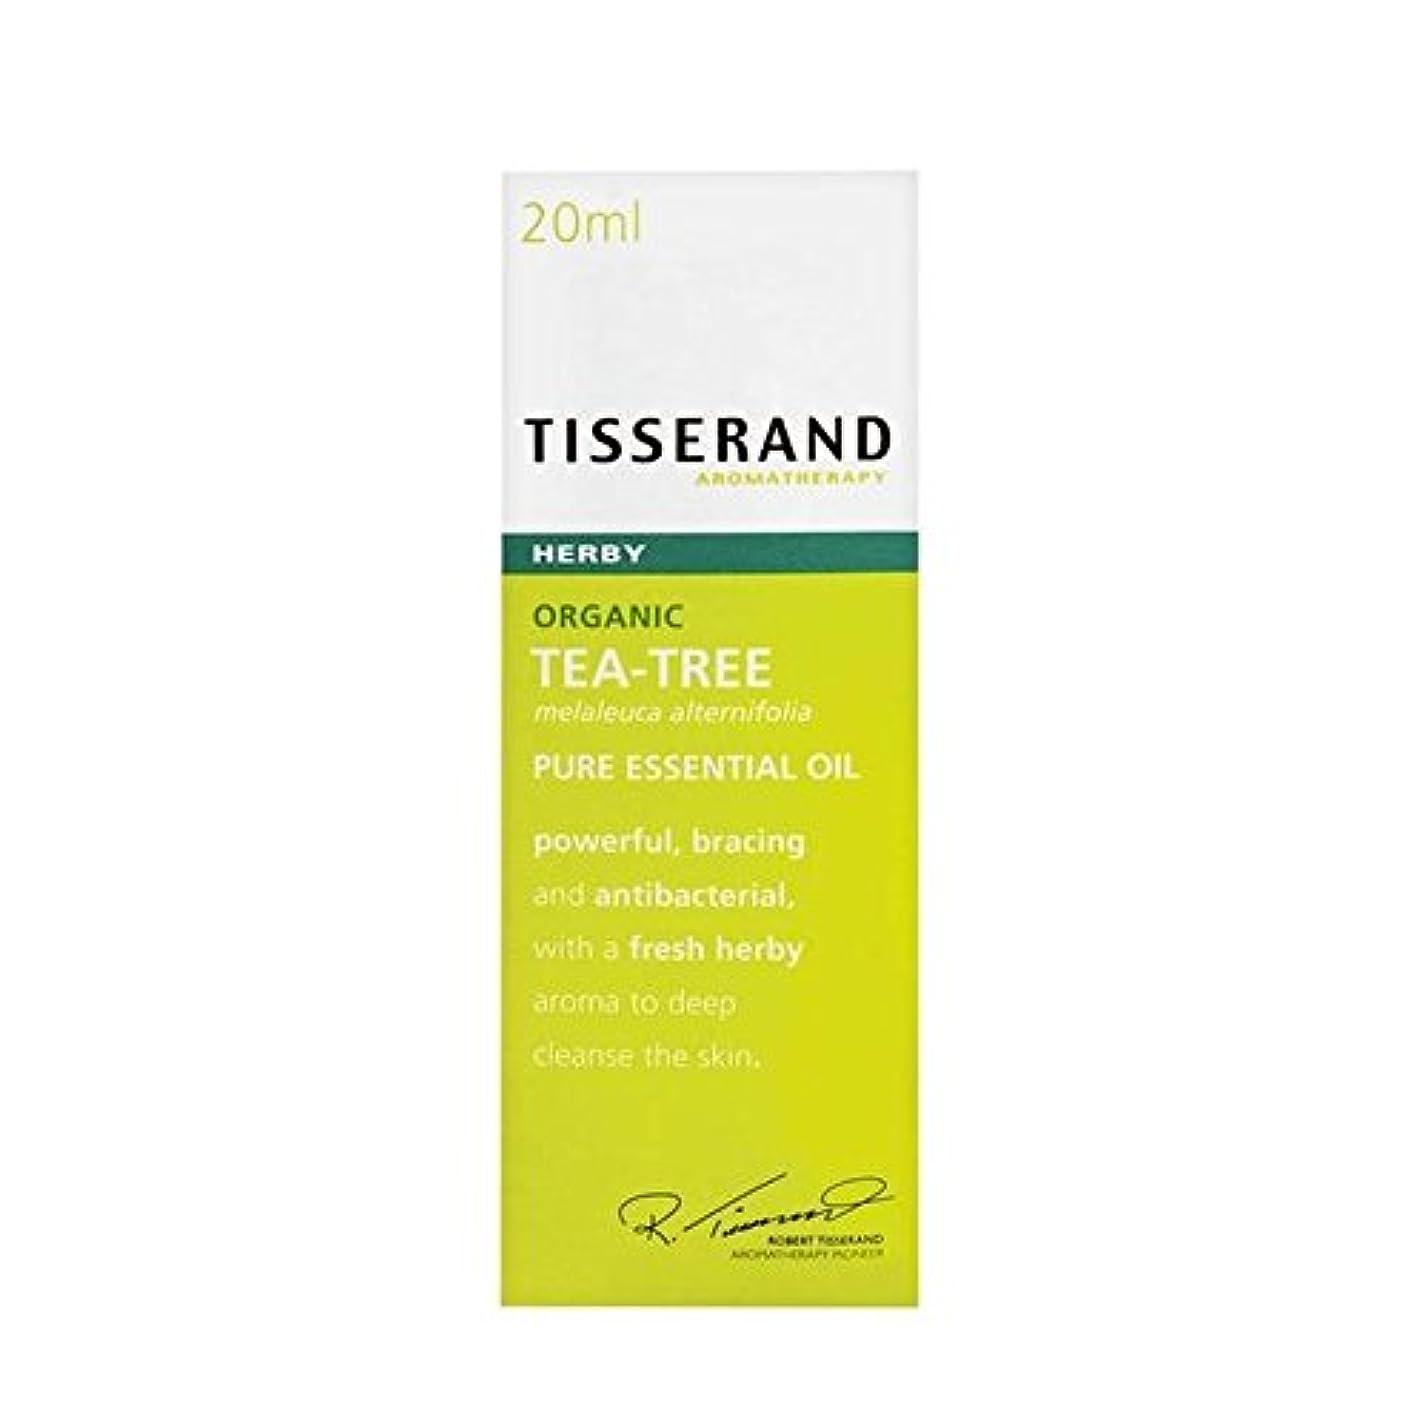 項目省略アルカトラズ島Tisserand Tea Tree Organic Pure Essential Oil 20ml (Pack of 6) - ティスランドティーツリーオーガニックピュアエッセンシャルオイル20ミリリットル x6 [並行輸入品]